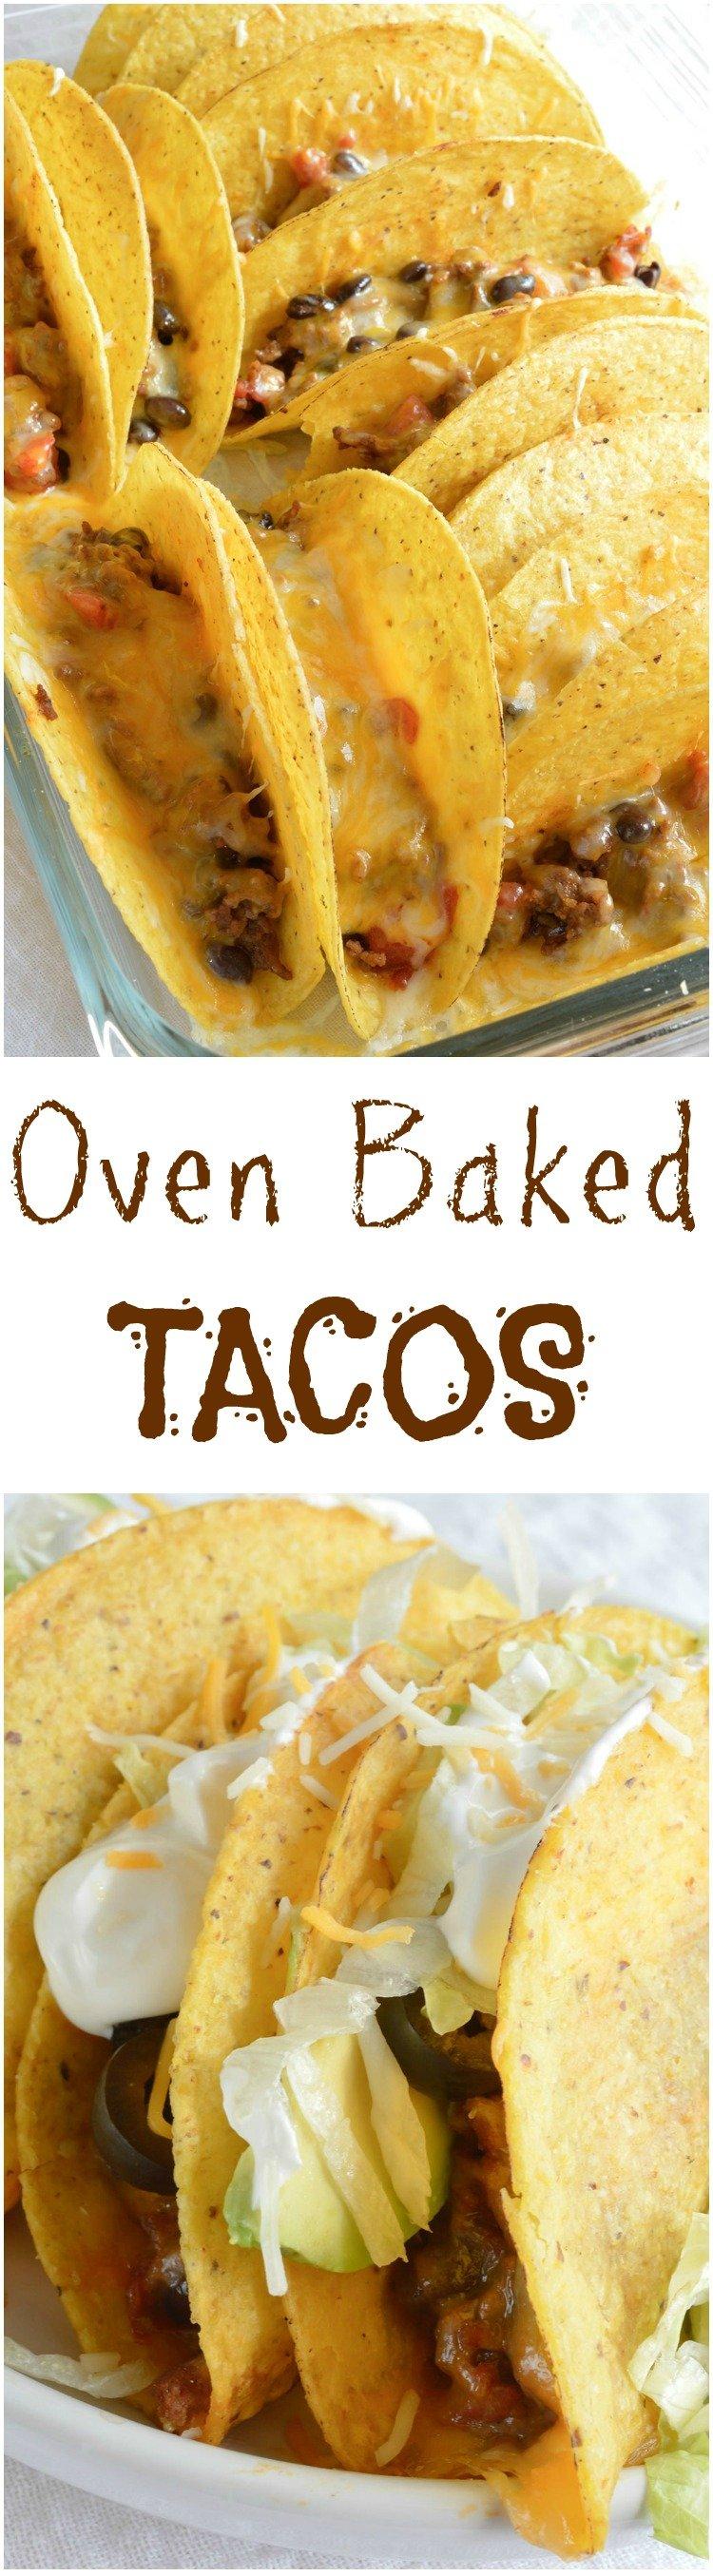 Oven Baked Tacos Wonkywonderful